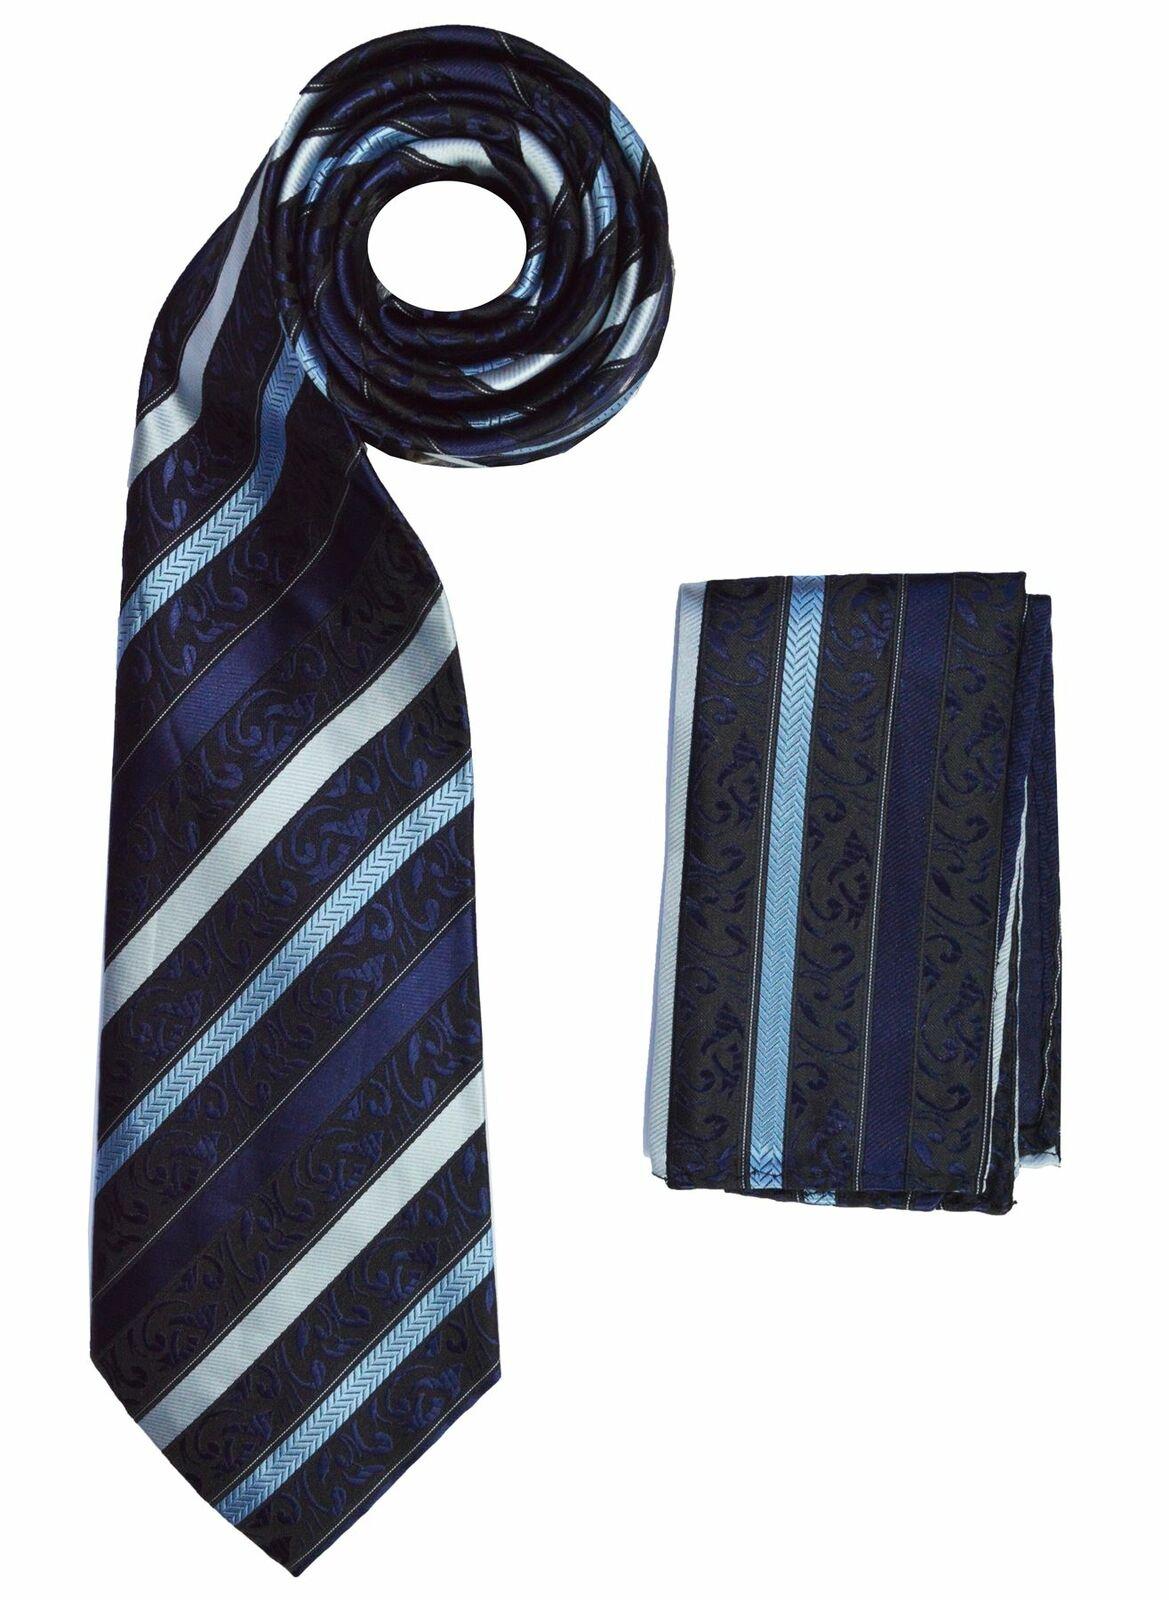 BERLIONI ITALY NECKTIE MATCHING SET FANCY LUXE NECKTIE W/HANKY TIES BABY BLUE